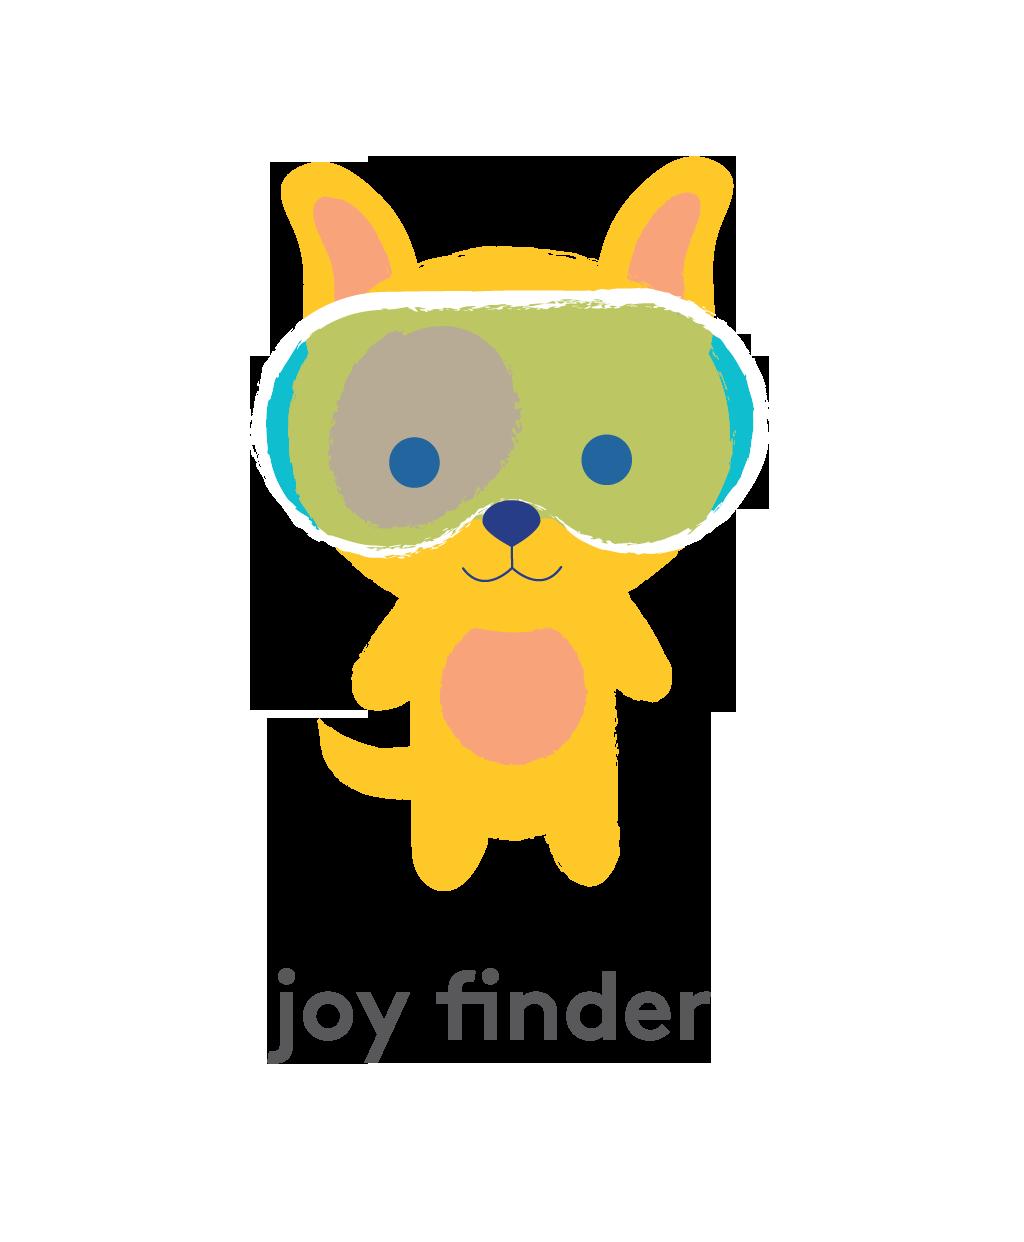 Dog: Joy finder